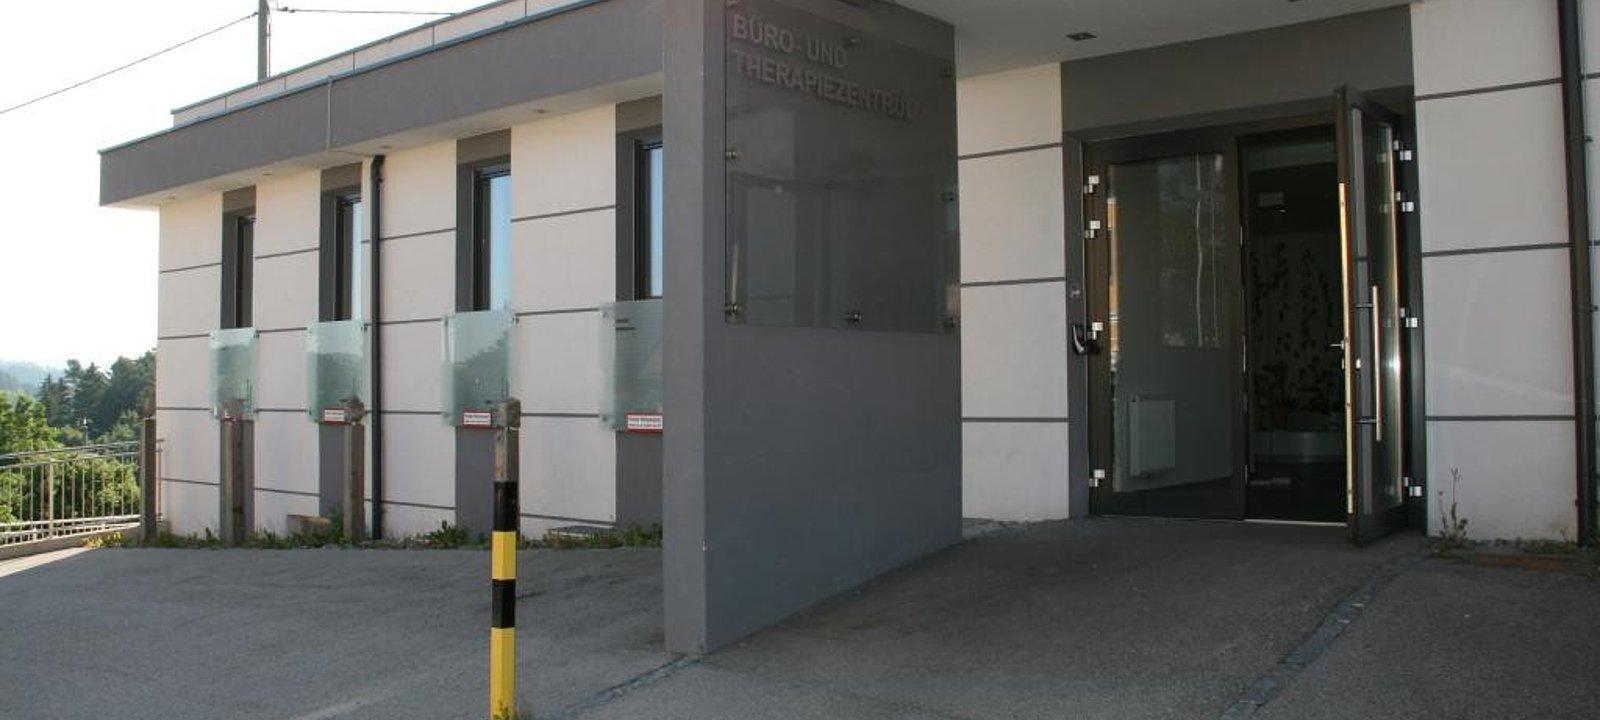 Eingangsbereich mit Parkplätzen